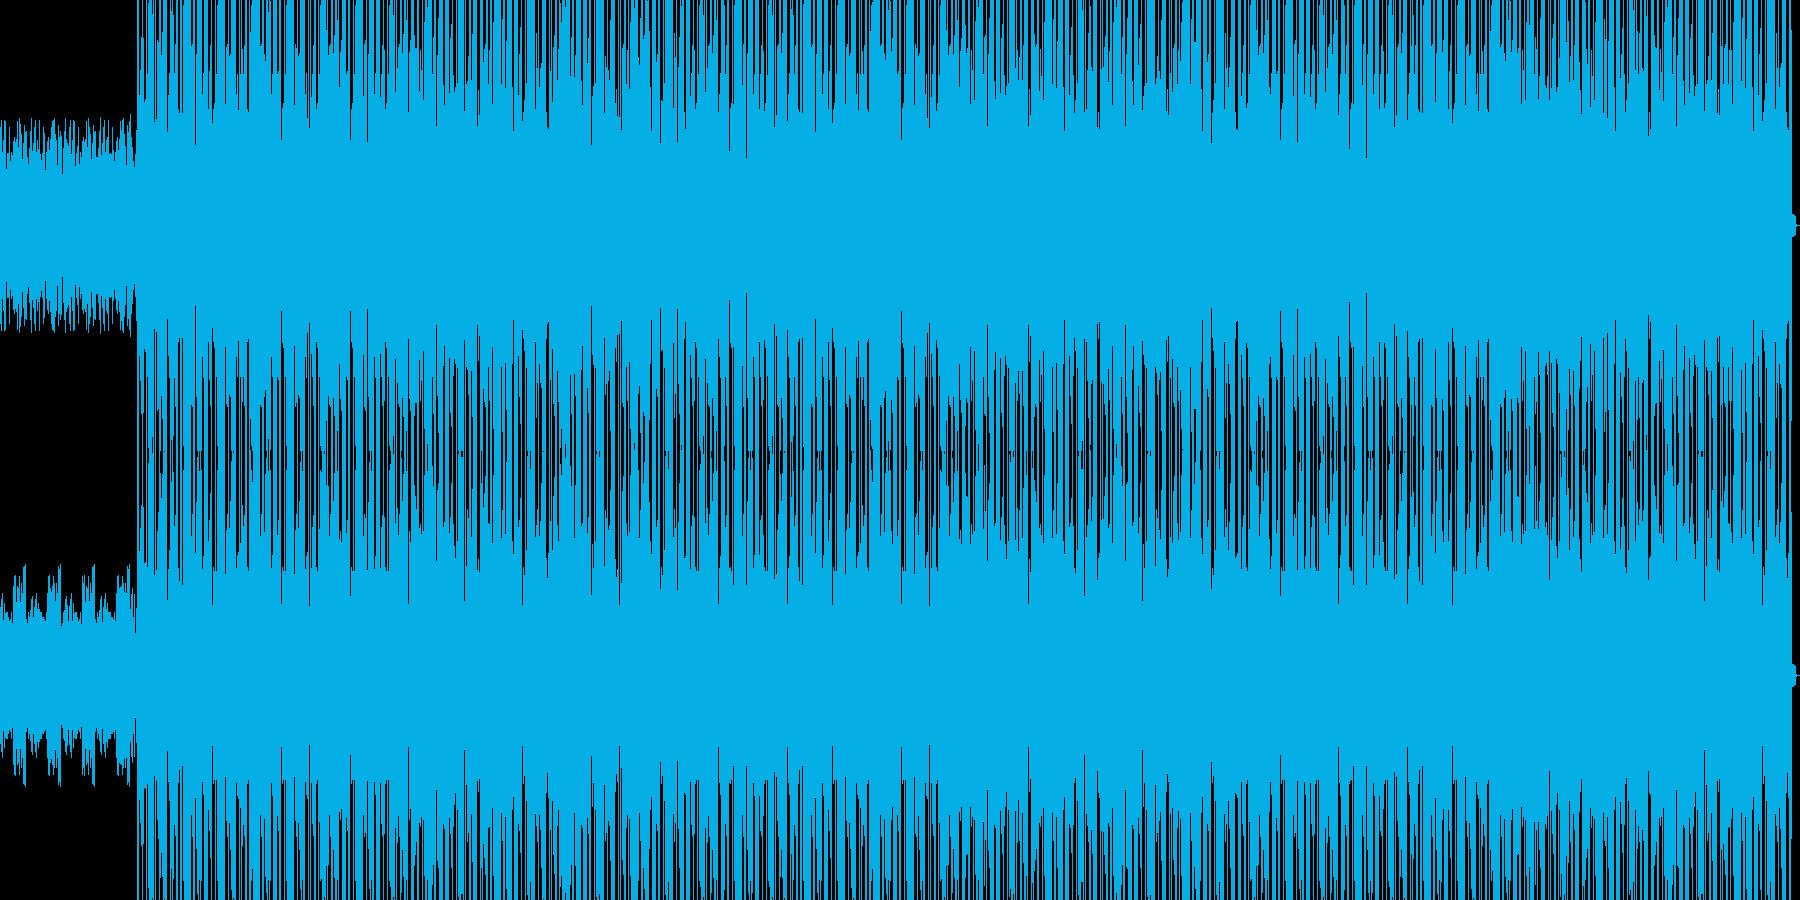 ピアノが光るヒップホップの再生済みの波形